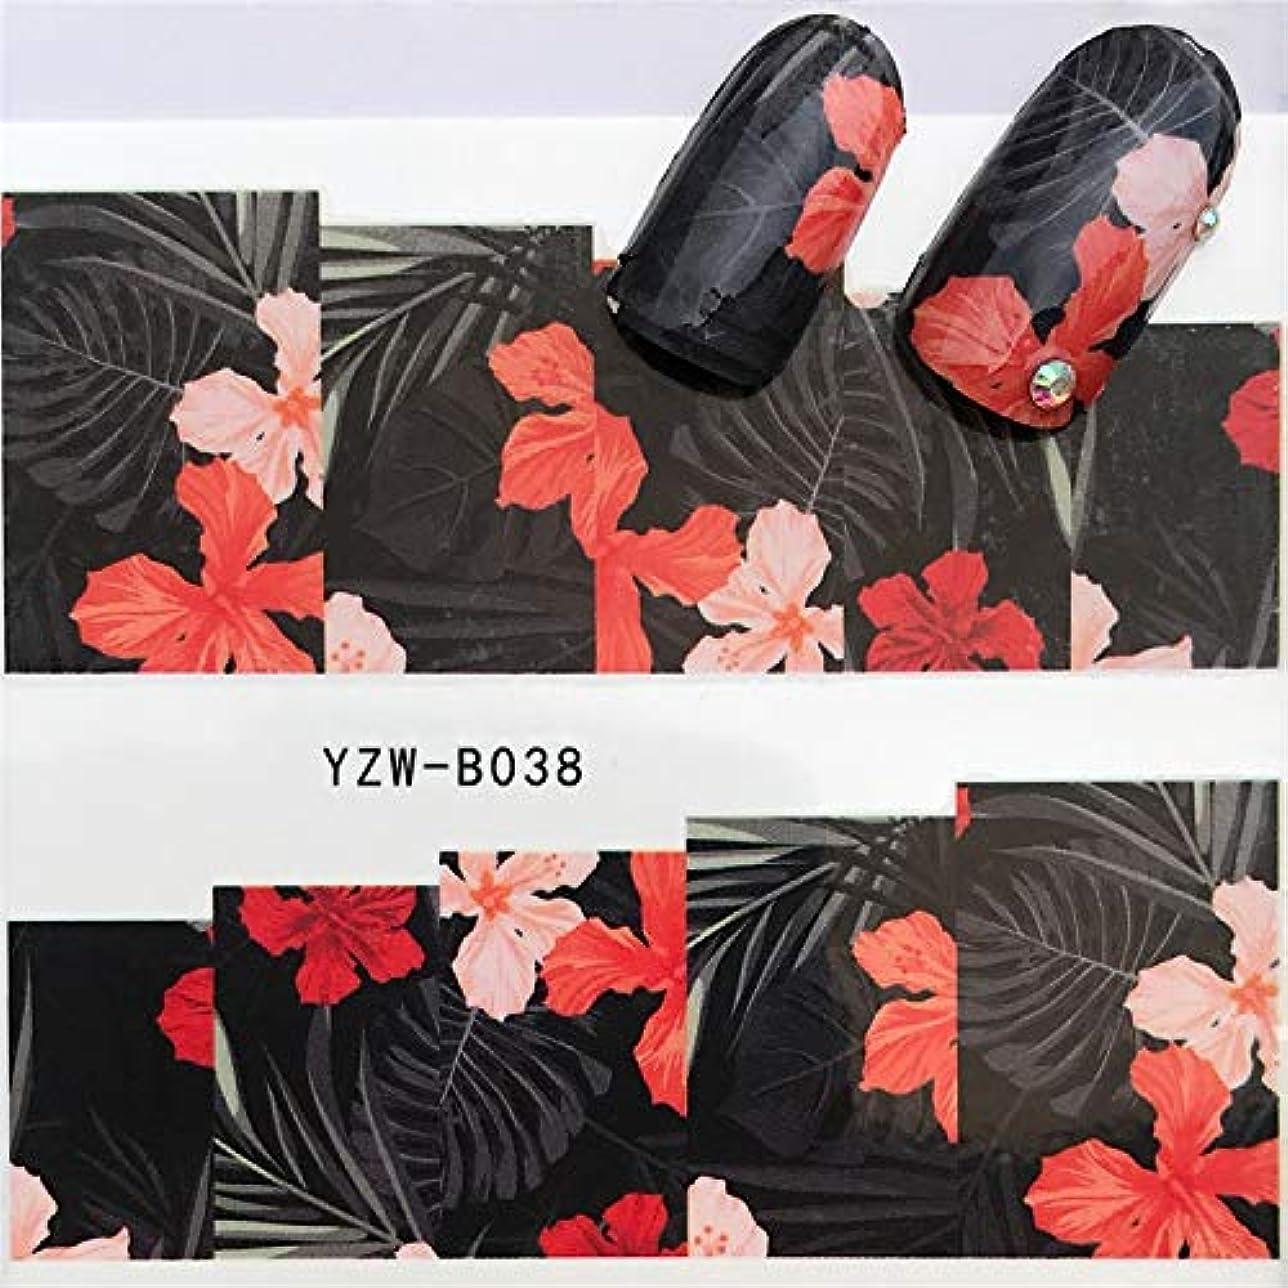 甘やかす虐待どちらかビューティー&パーソナルケア 3個ネイルステッカーセットデカール水転写スライダーネイルアートデコレーション、色:YZWB038 ステッカー&デカール